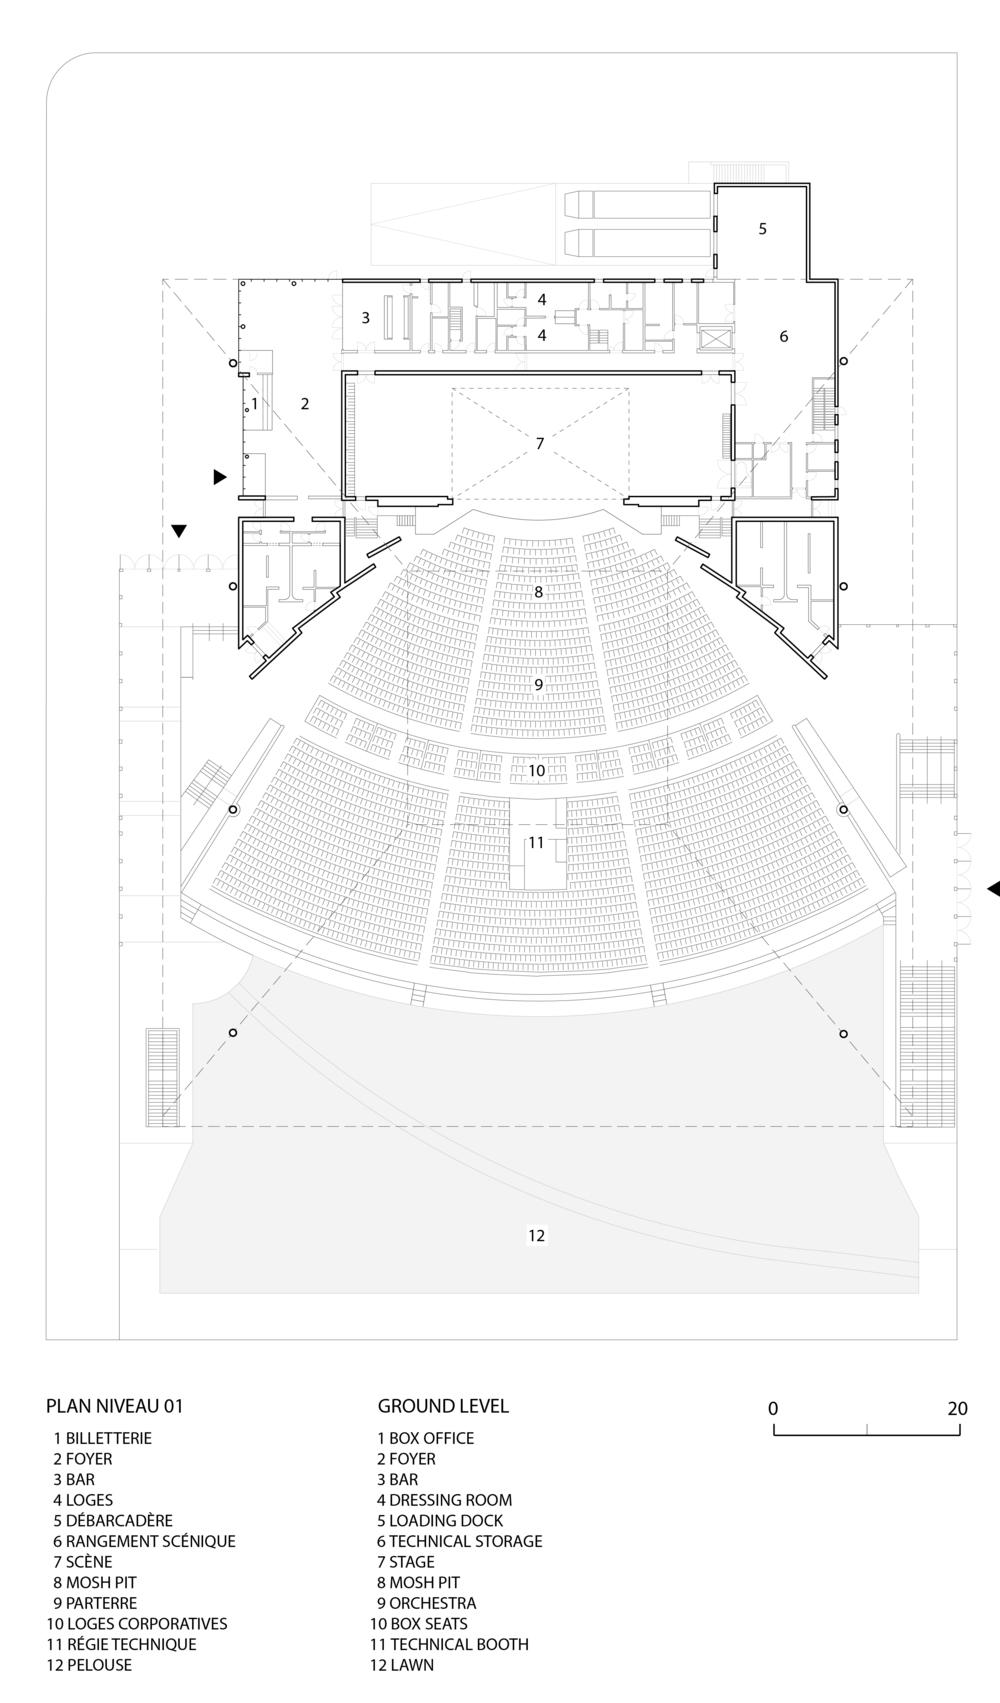 Plan du rez-de-chaussée avec 3,500 sièges et une pelouse pour 5,500 personnes.